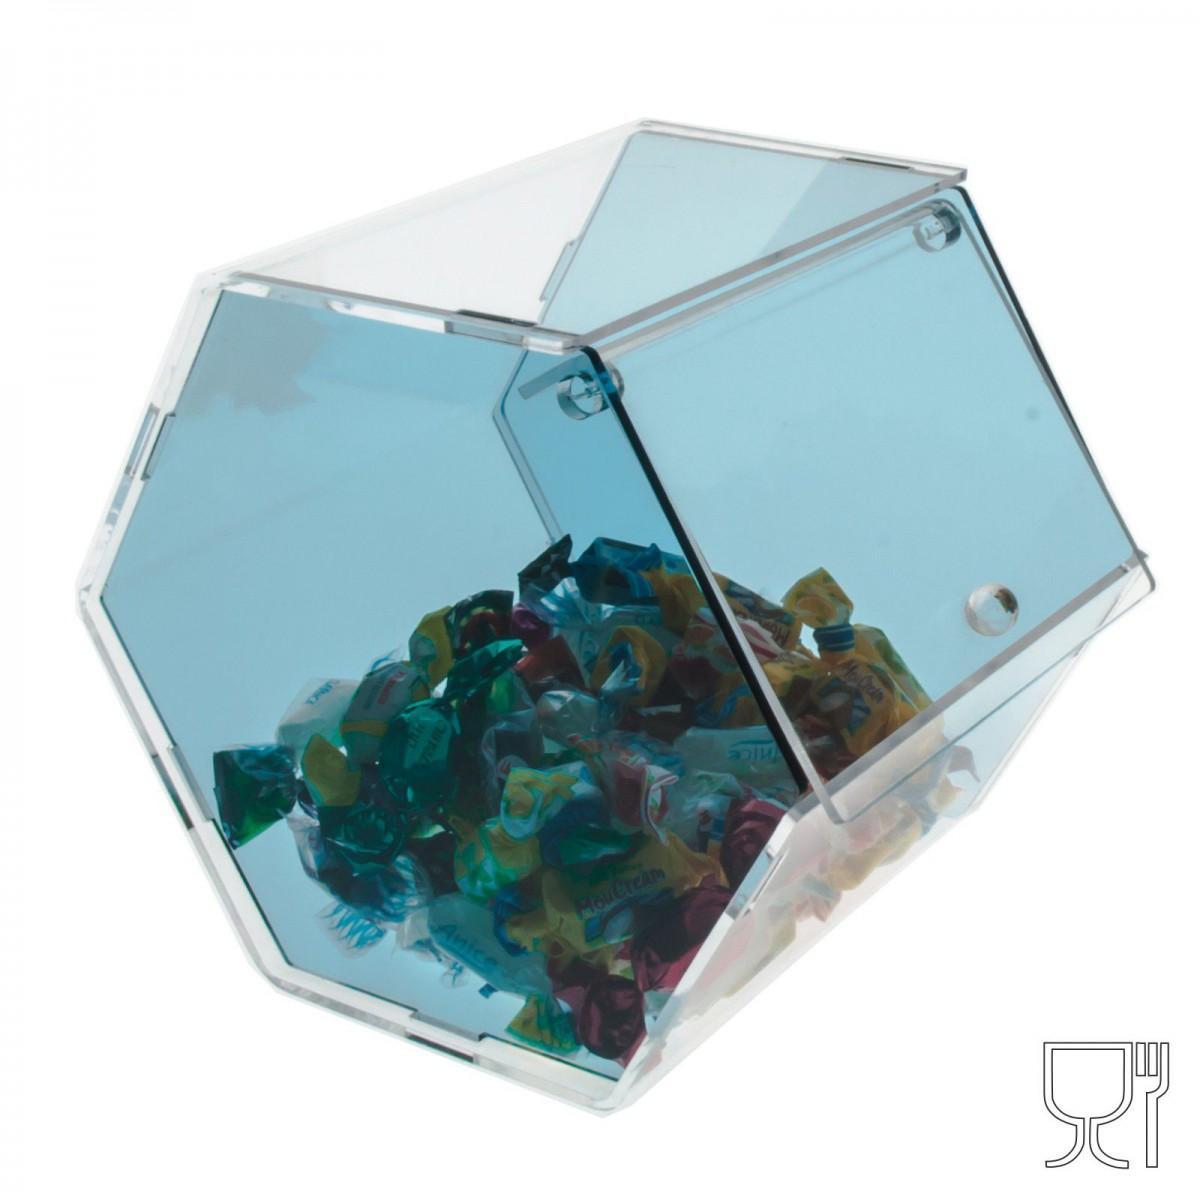 E-036 PC - Porta caramelle in plexiglass trasparente e colorato di forma esagonale - Misure: 16 x 19 x H18 cm -A